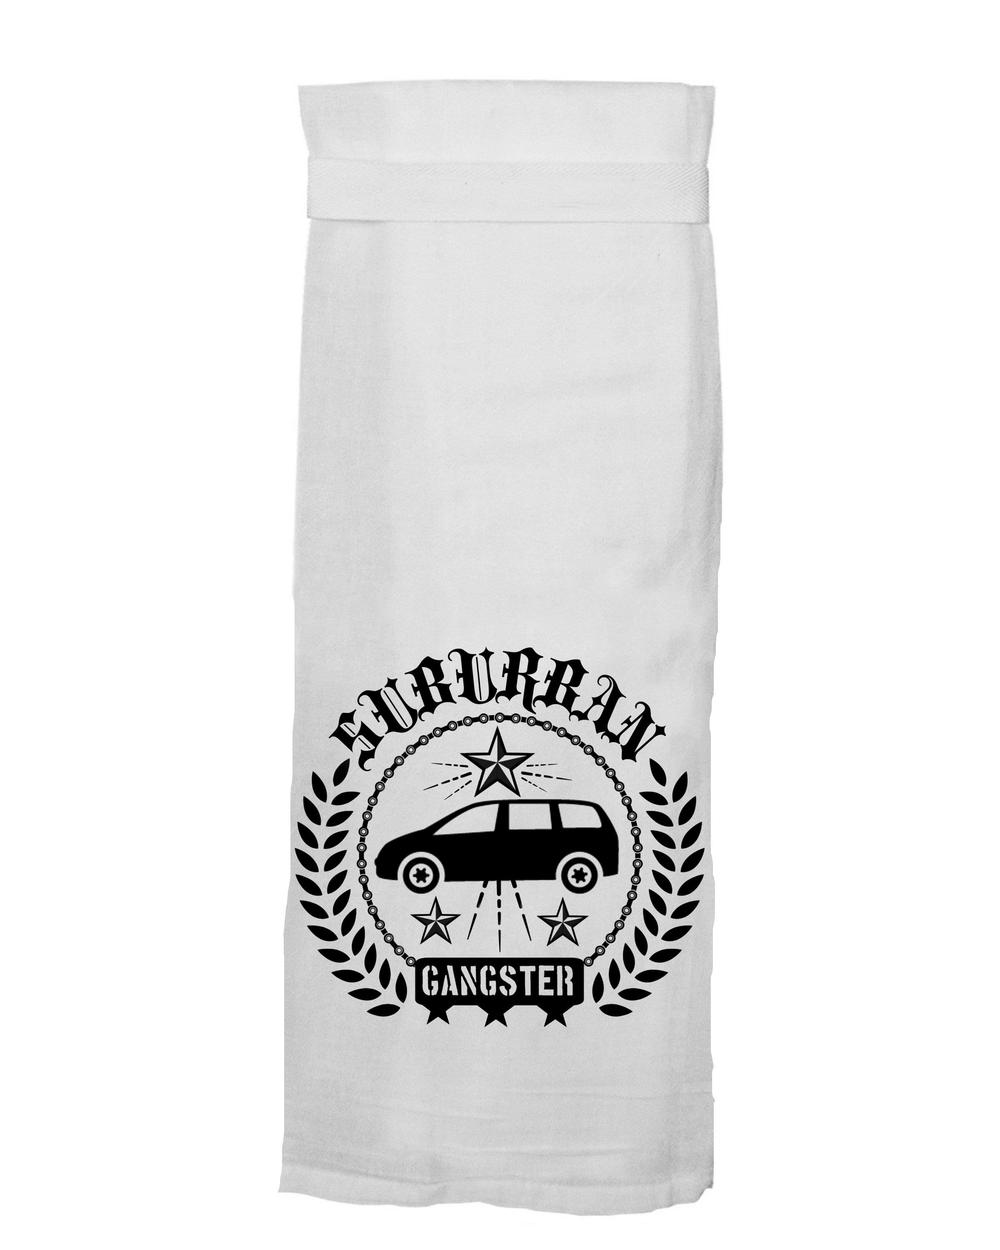 Suburban Gangster Kitchen Towel Kitchen Hand Towels Kitchen